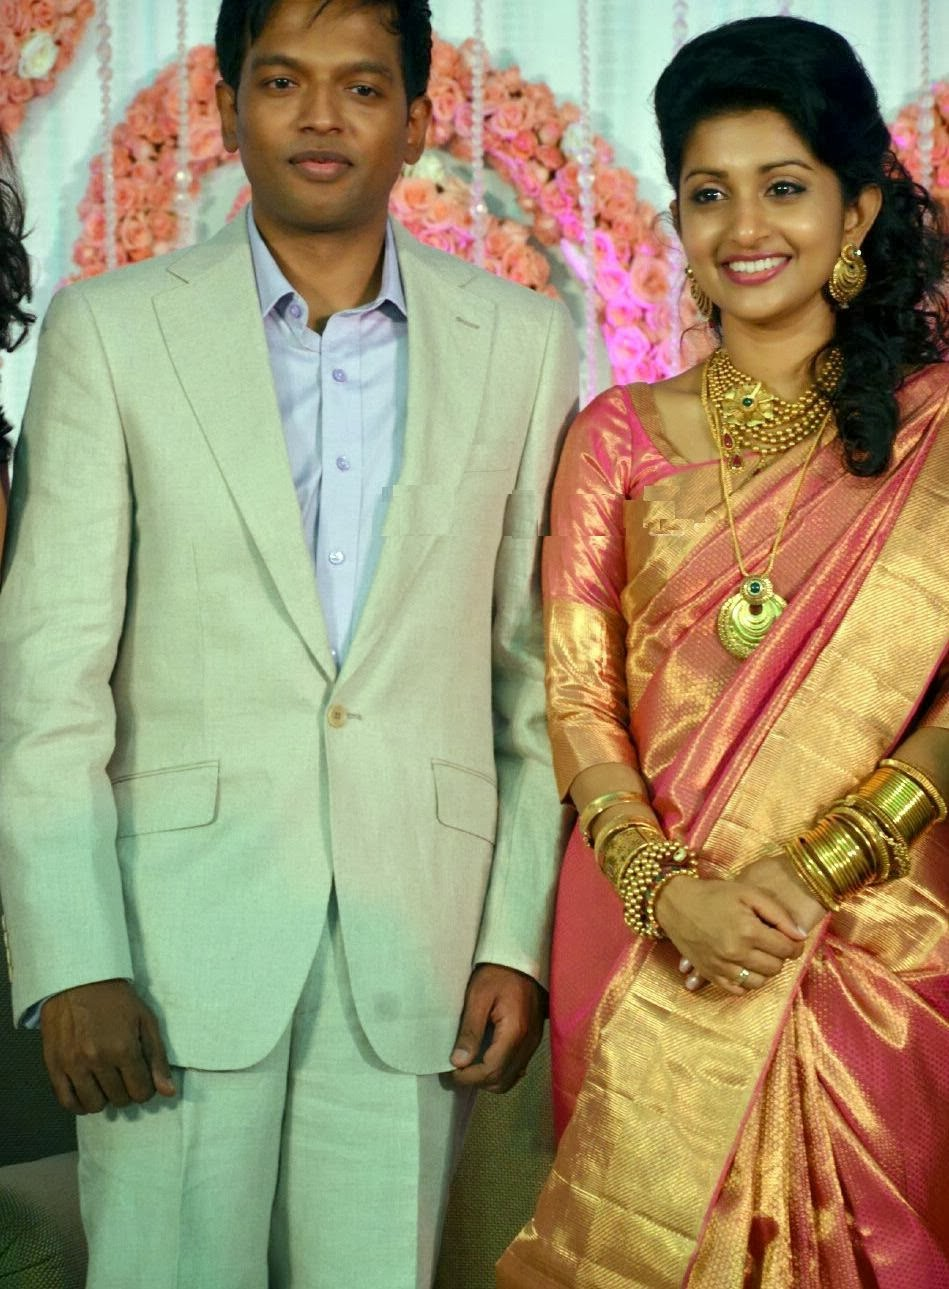 South Indian Tamil And Malayalam Actress Meera Jasmine Wedding